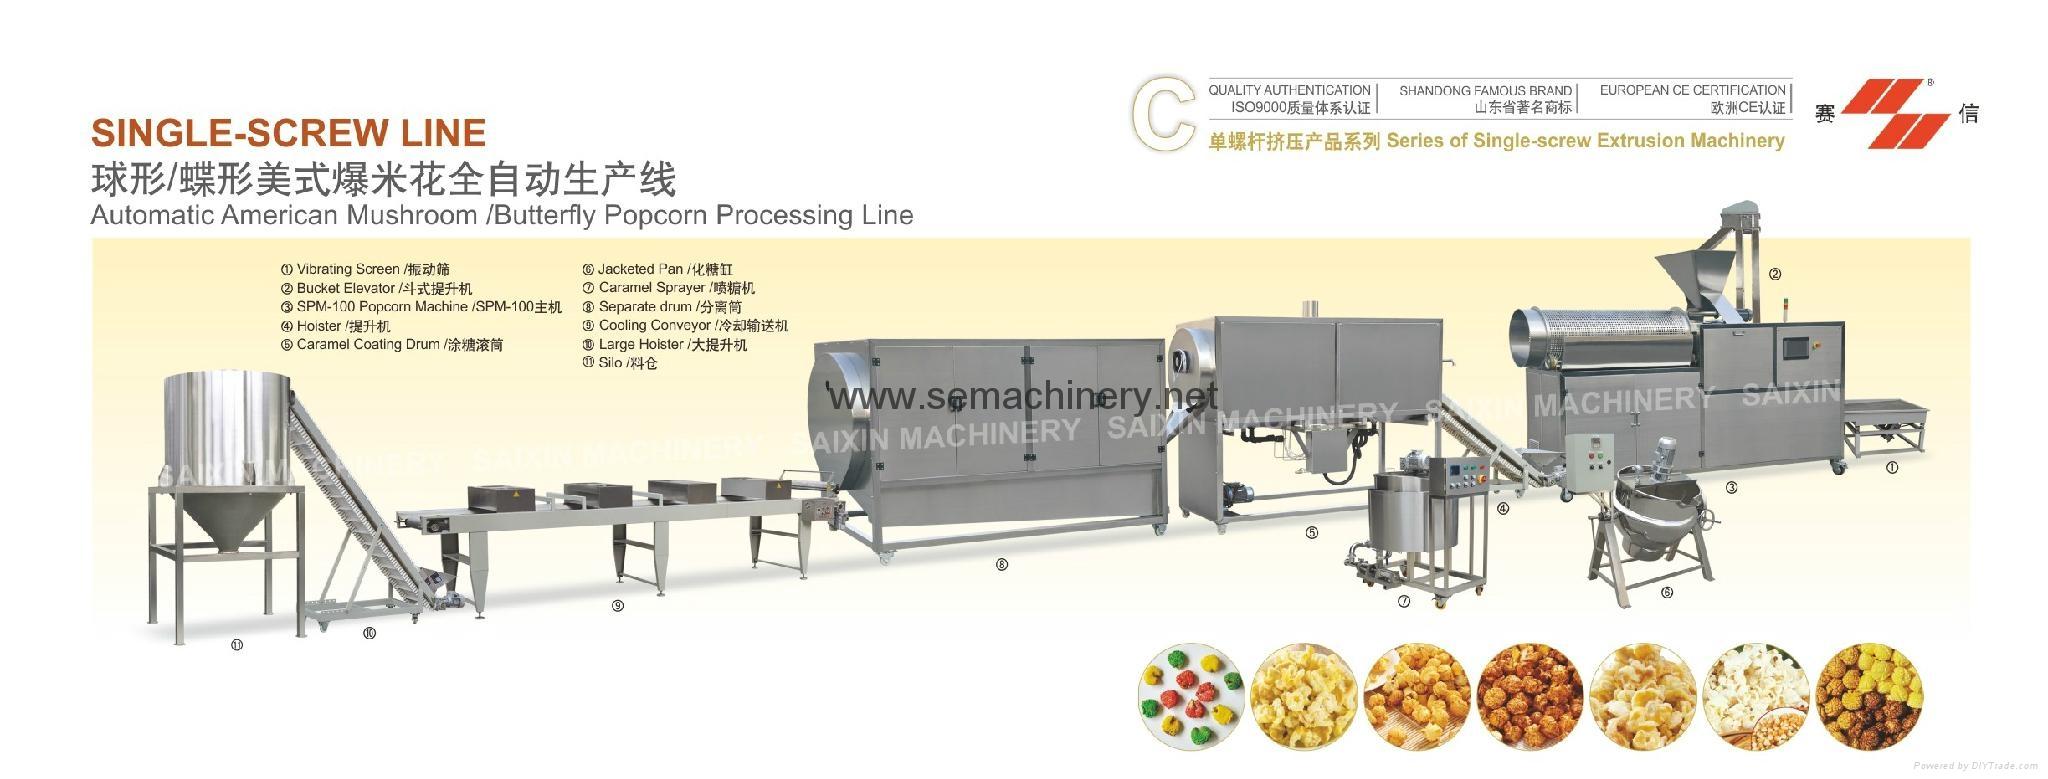 全自動美式球形爆米花生產線  6